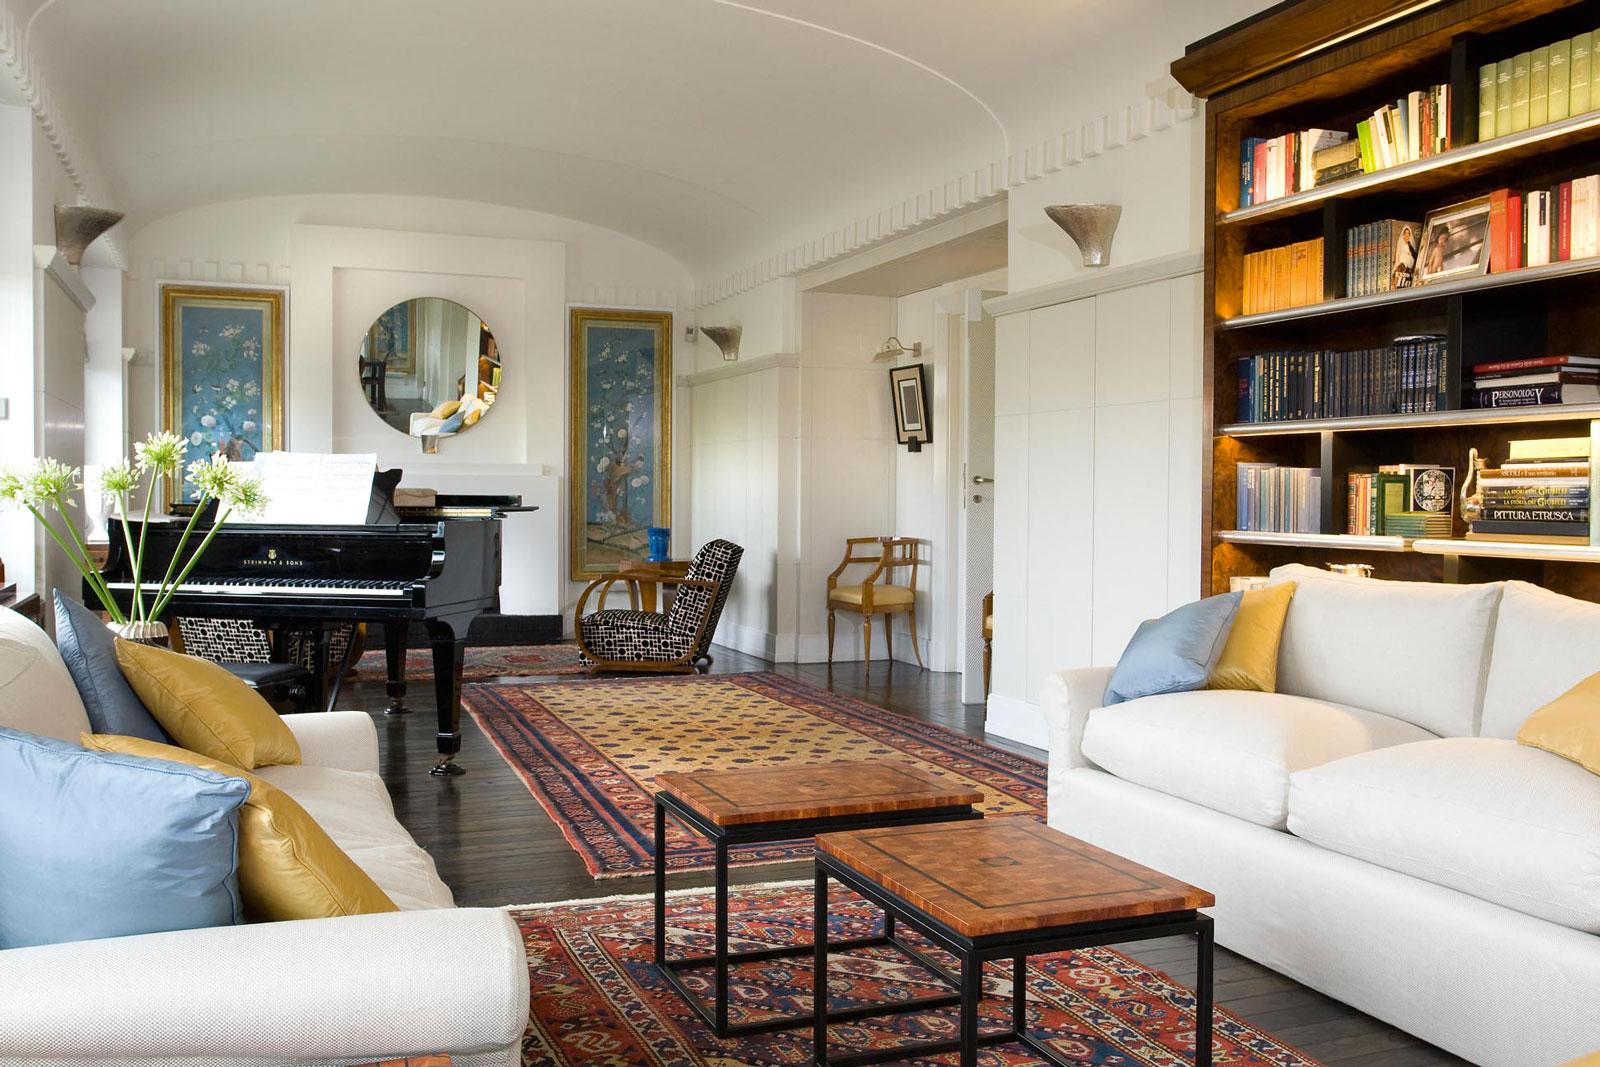 Come abbinare arredamento classico e moderno insieme - Arredamento interno casa moderna ...